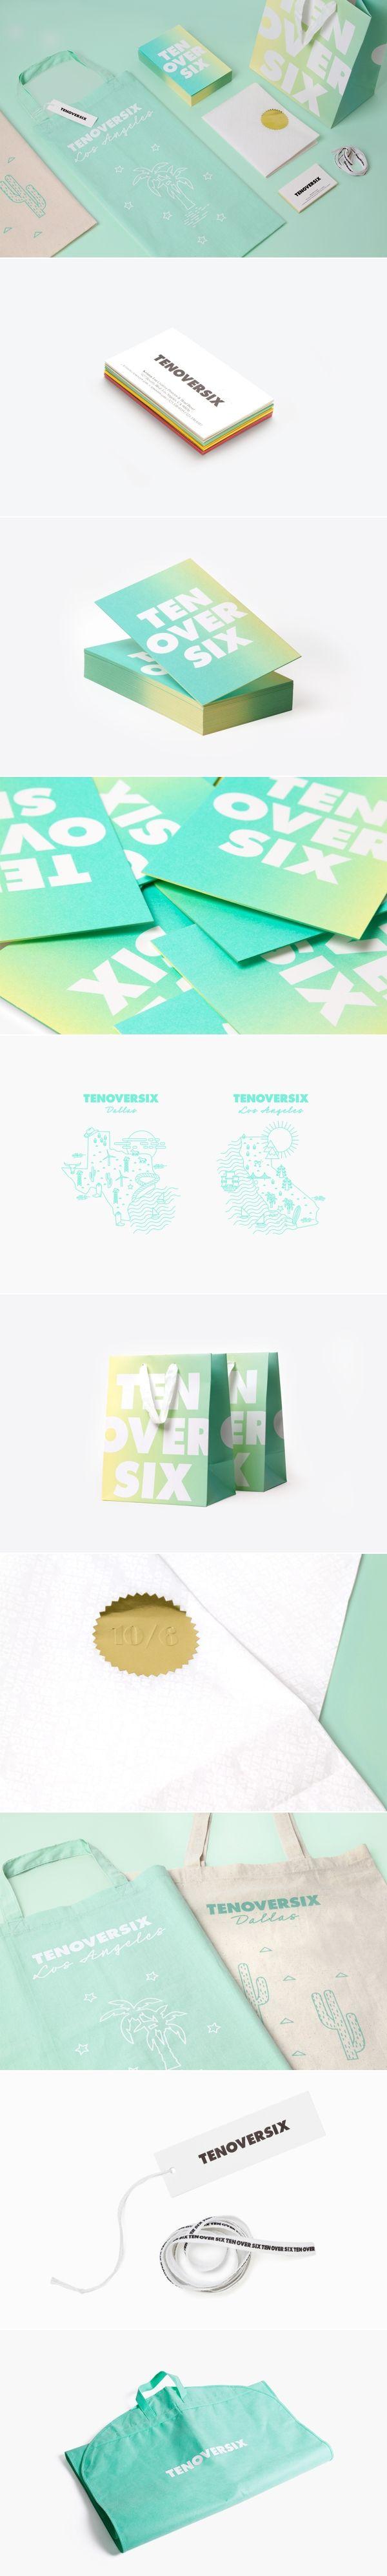 Ten Over Six branding